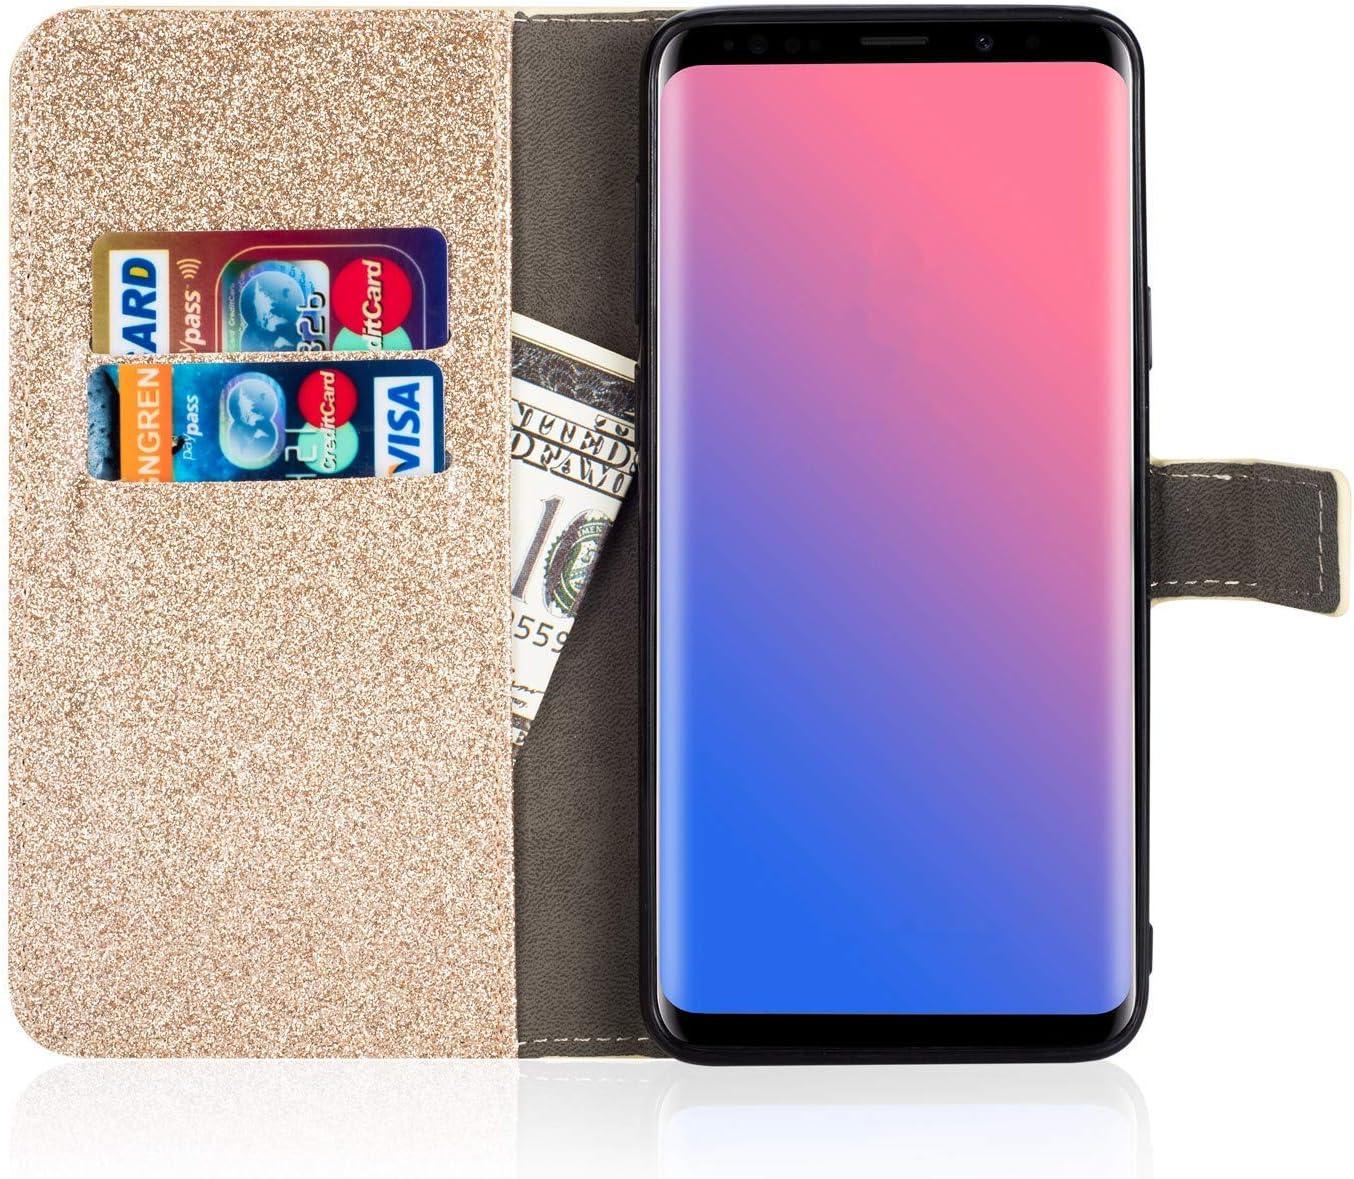 Gold Felfy Kompatibel mit Galaxy A5 2017 H/ülle,Kompatibel mit Galaxy A5 2017 Handyh/ülle Glitzer Diamant Strass Schutzh/ülle PU Leder Flip Case Cover Magnetische Brieftasche mit Kartenfach